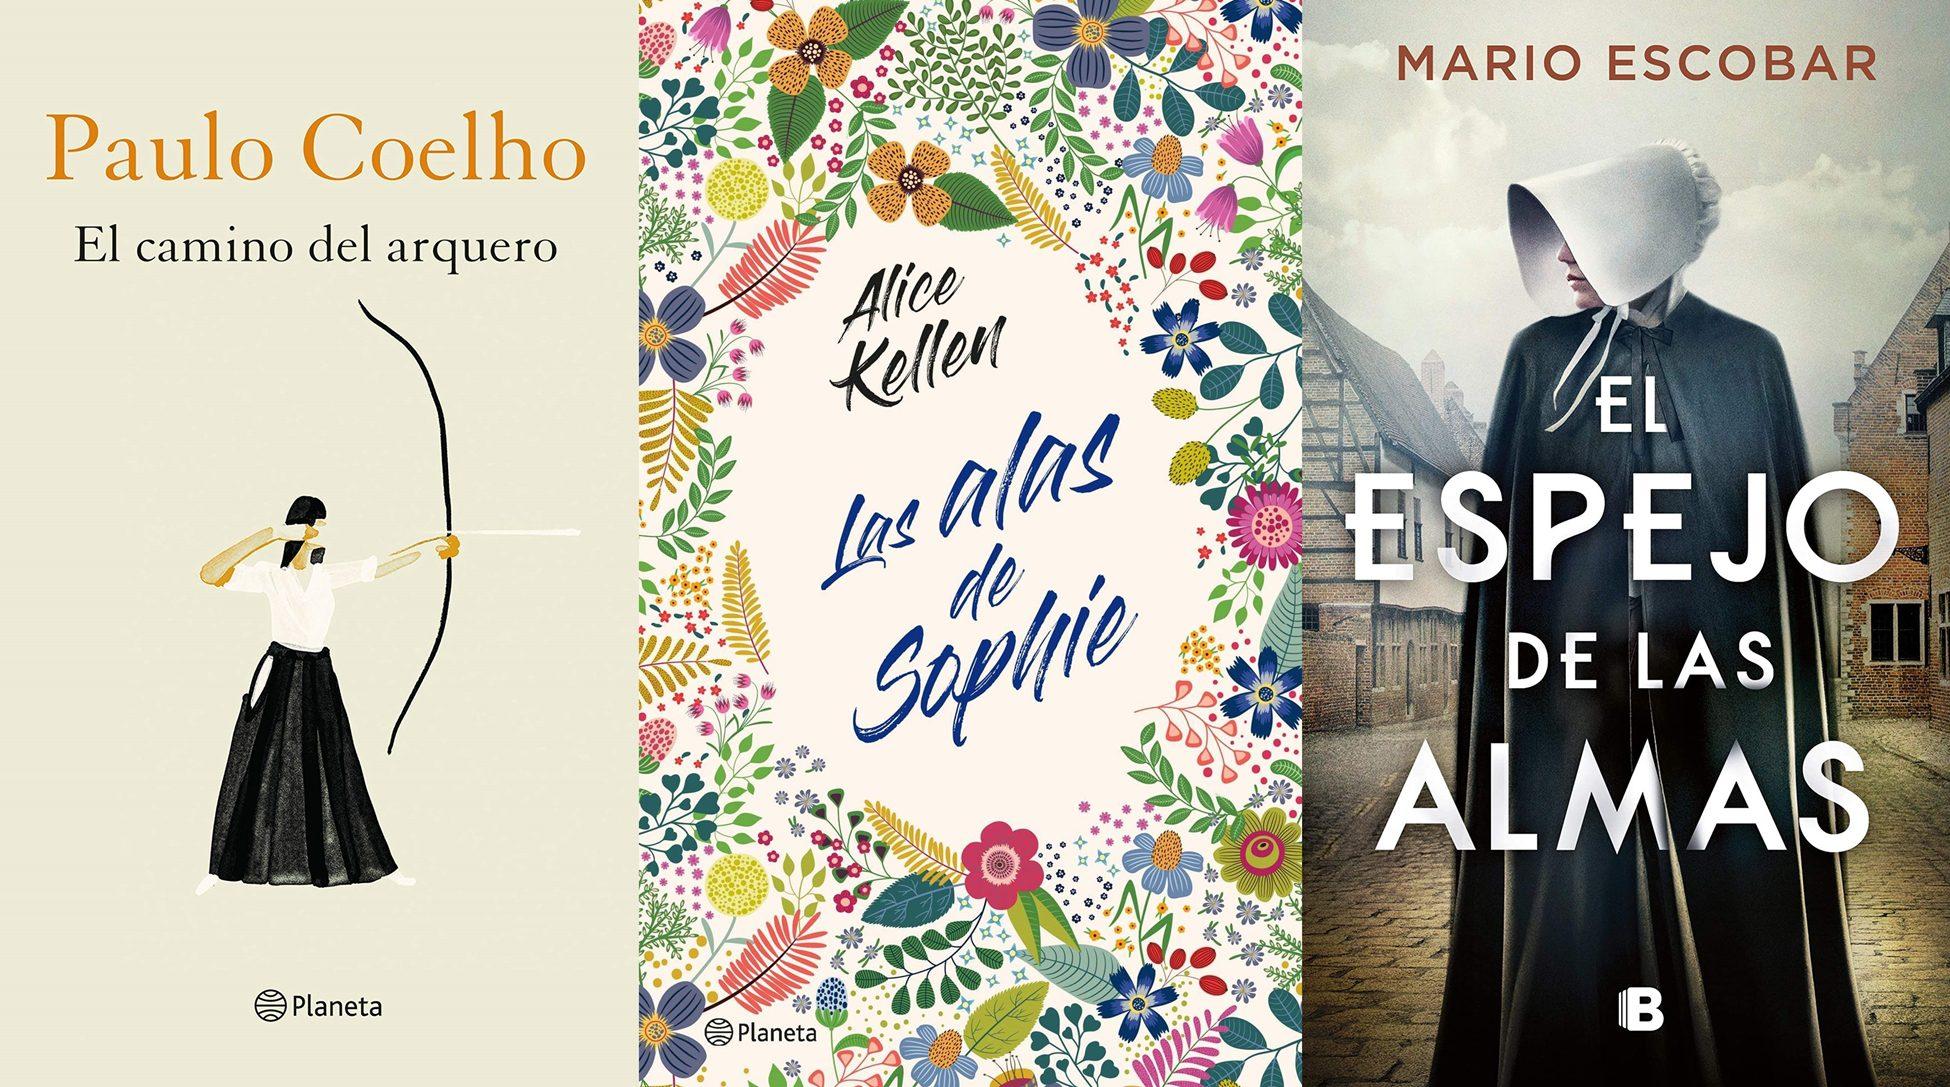 Paulo Coelho, Alice Kellen, Mario Escobar. El camino del arquero, Las alas de Sophie, El espejo de las almas